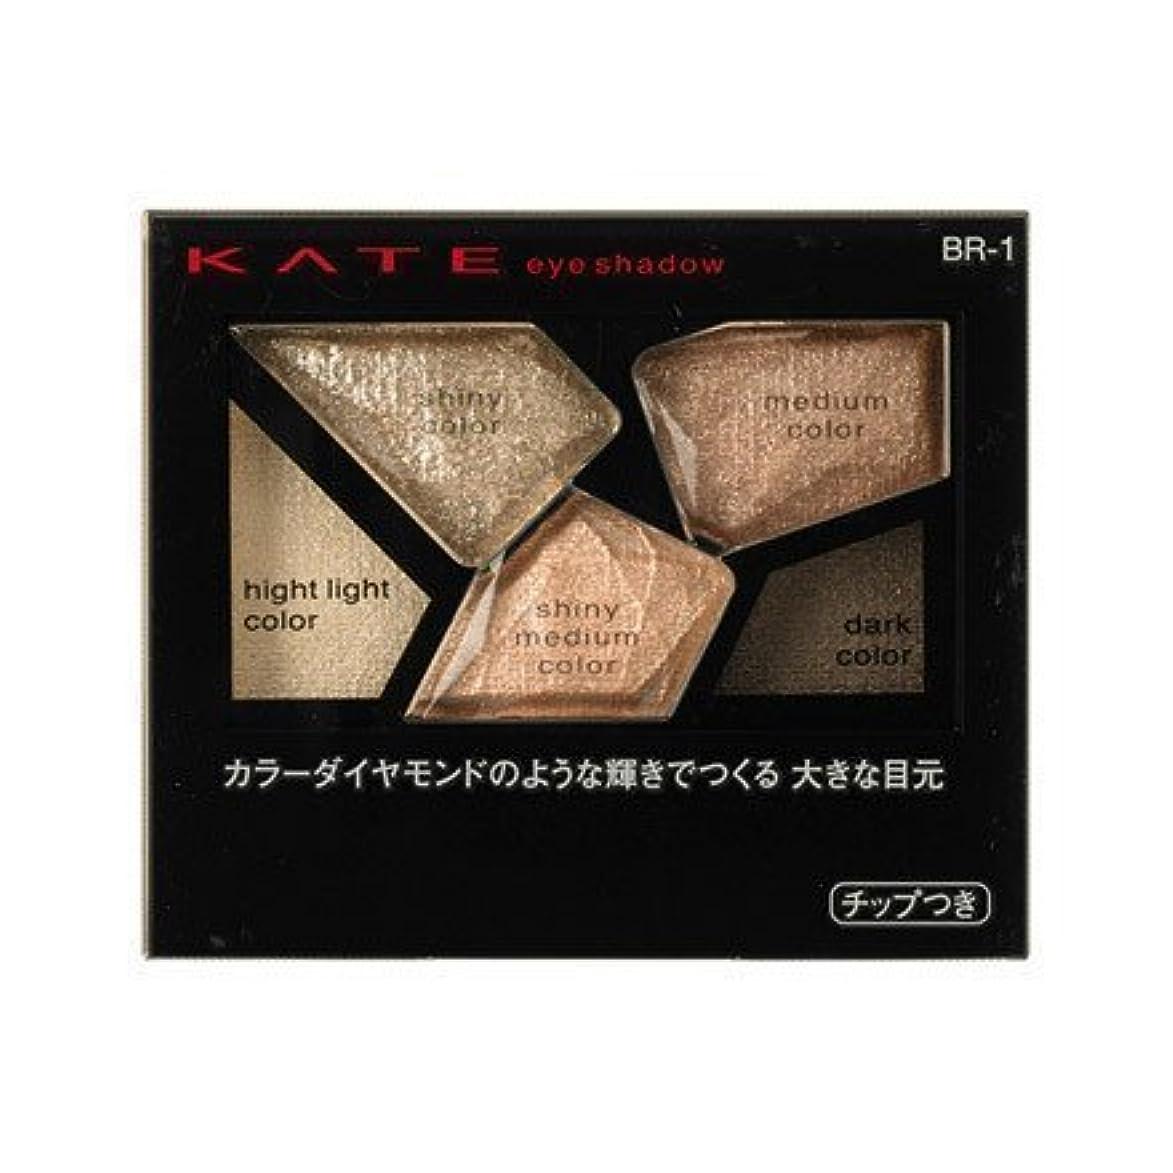 聴く州スイス人【カネボウ】ケイト カラーシャスダイヤモンド #BR-1 2.8g